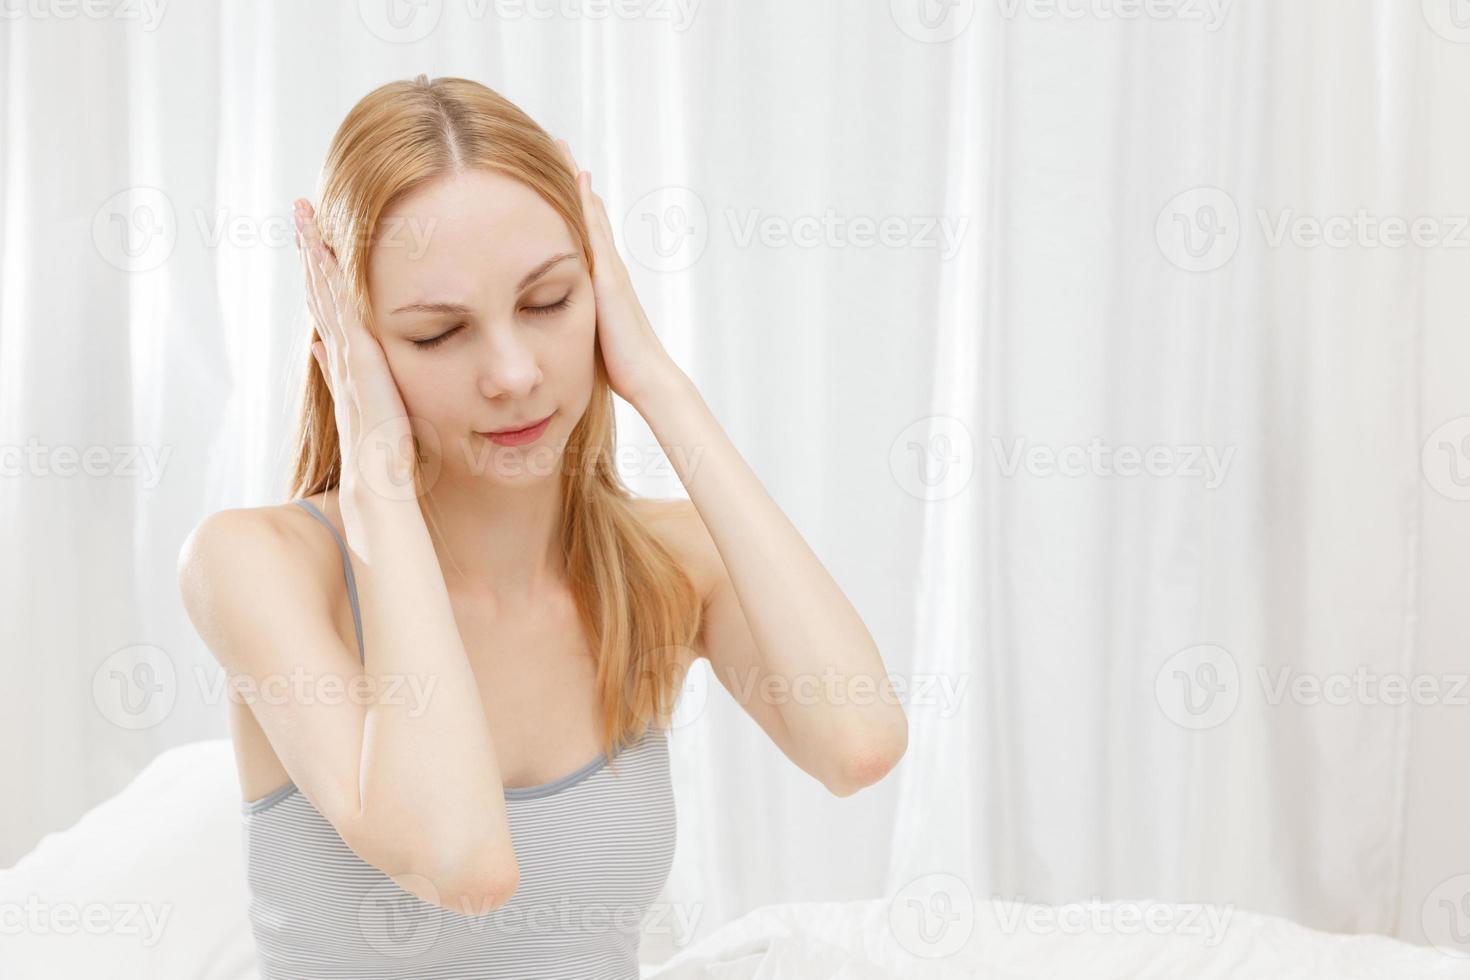 Kaukasische vrouw de oren sluiten foto